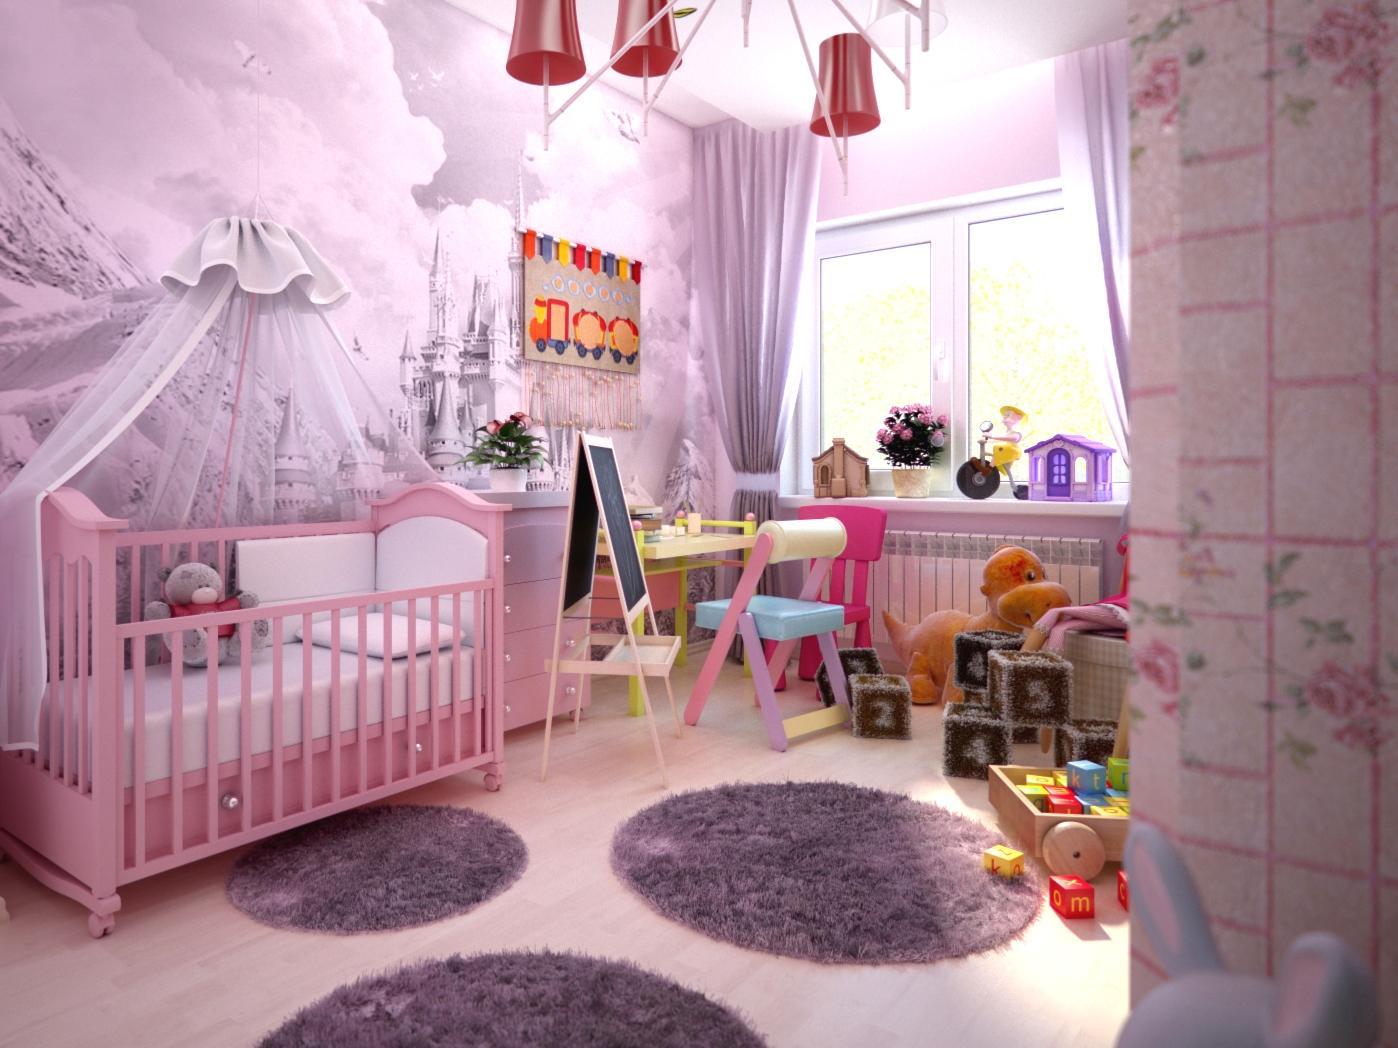 Как Сделать Дизайн Детской Комнаты Для Девочки Своими Руками 23